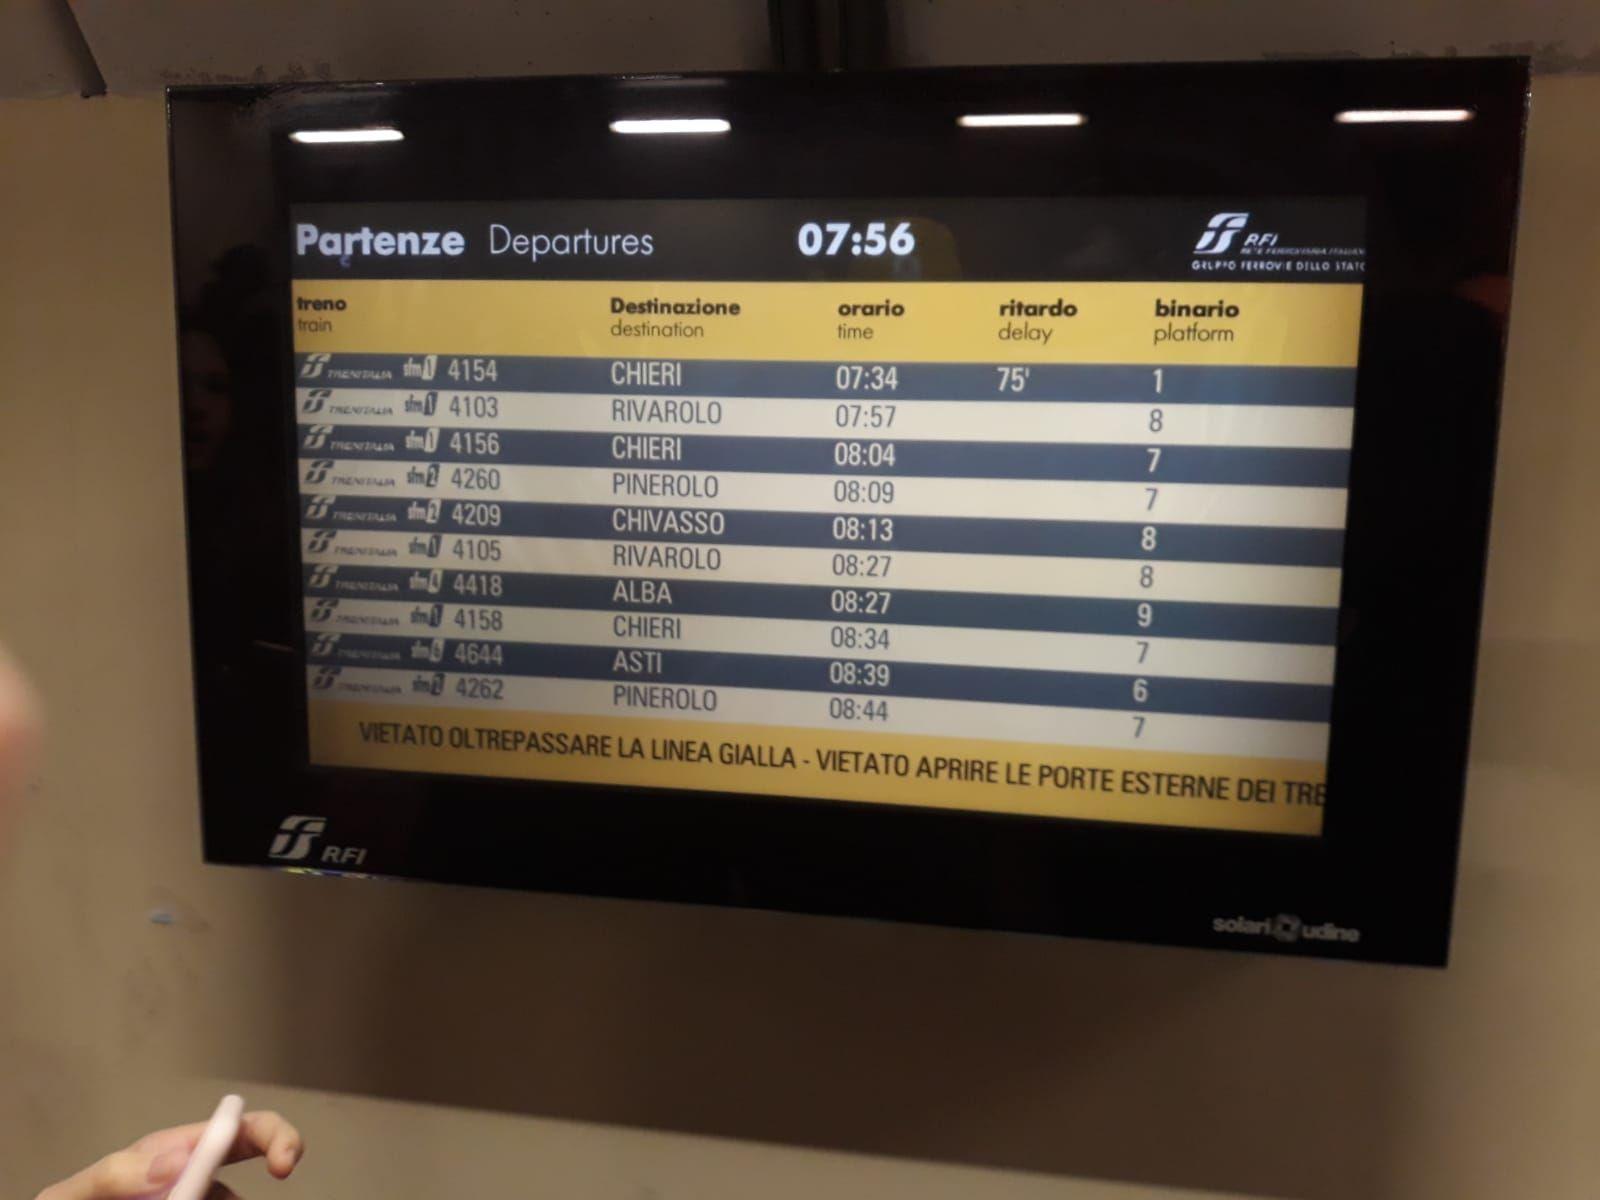 CANAVESANA - Ancora guasti, disagi e ritardi sulla ferrovia Gtt